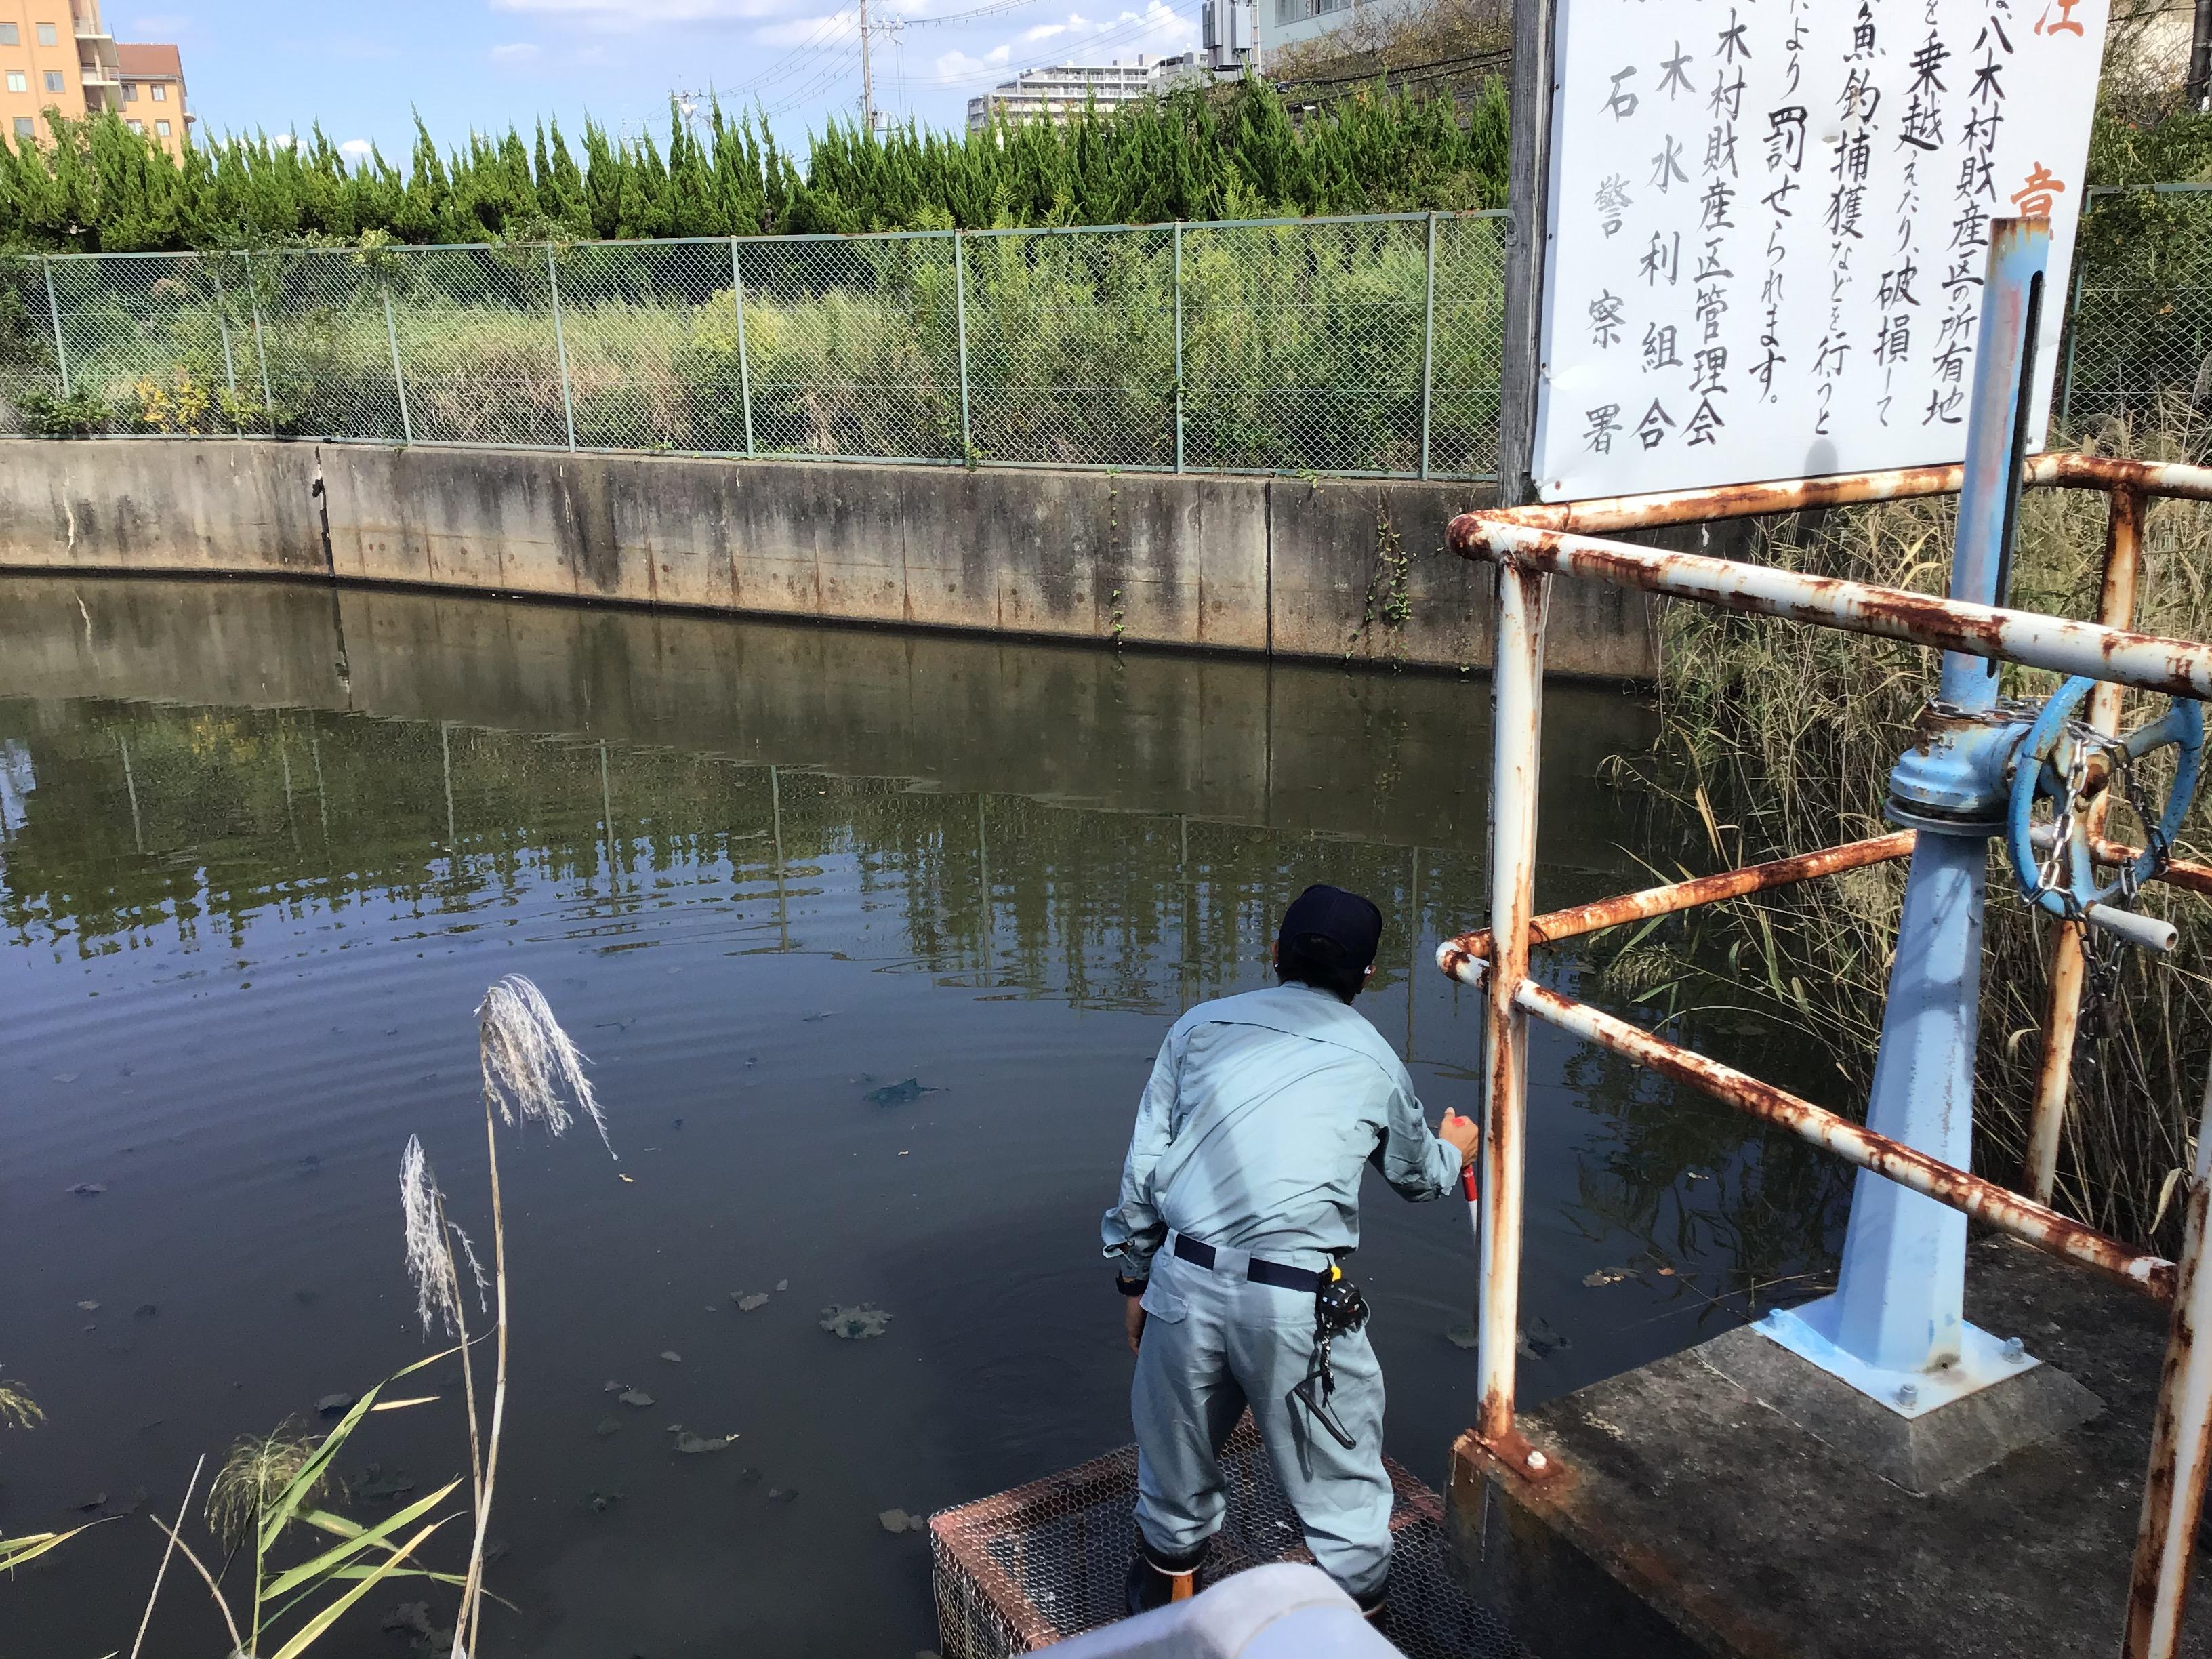 明石市大本係長が唯一水面が見える場所で水位測定(深さ1.0mだとヒメガマが育生しないのか?)